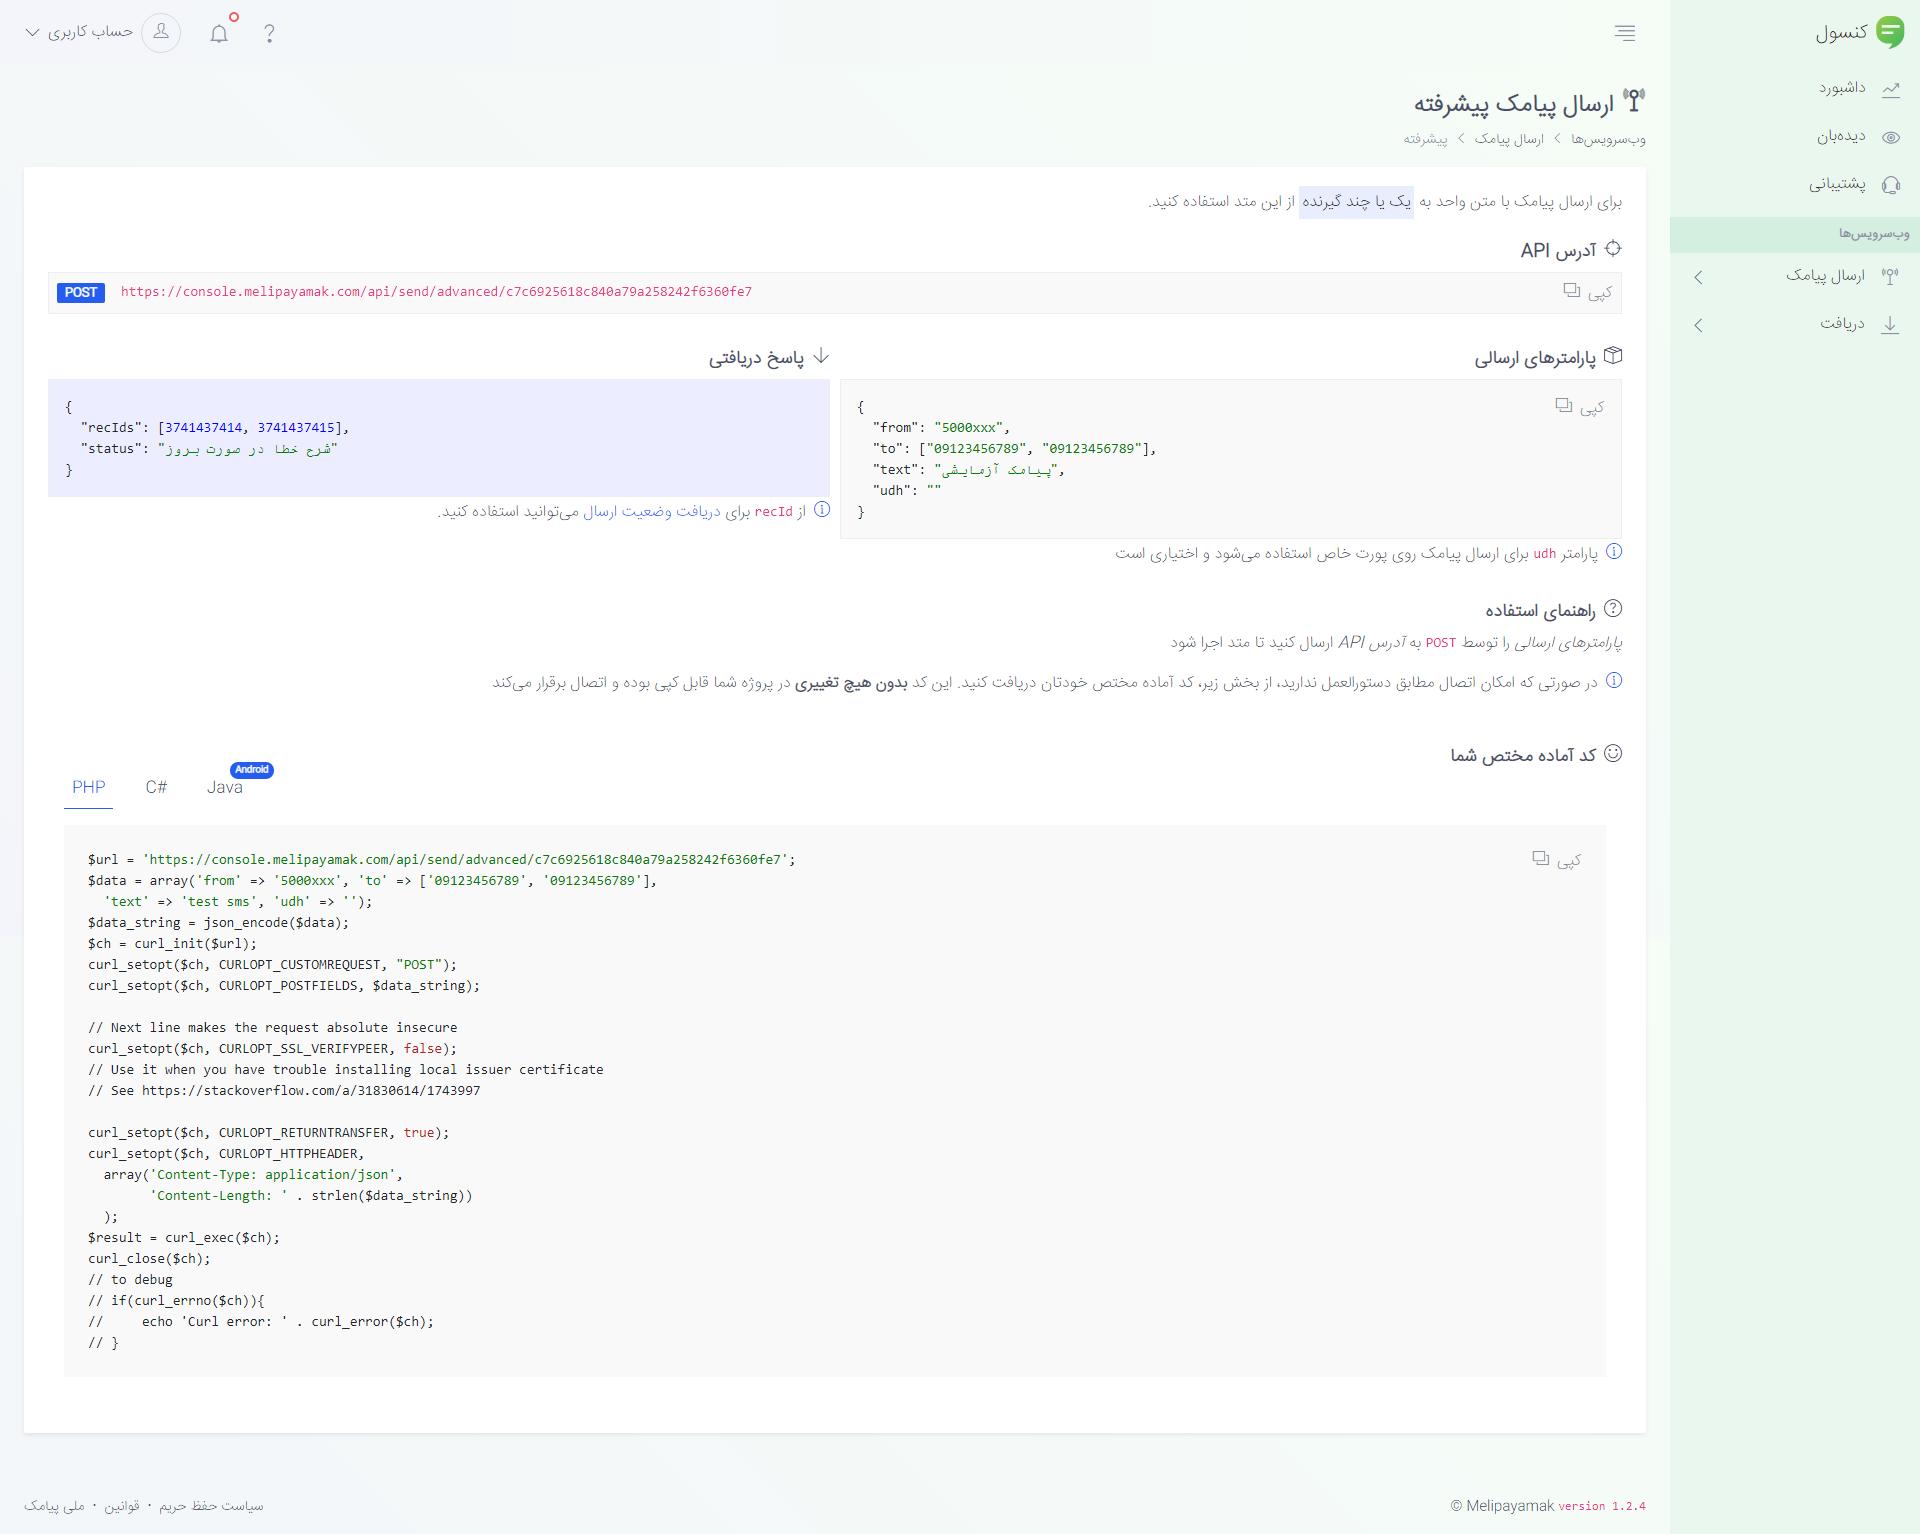 نمونه کدهای API در کنسول